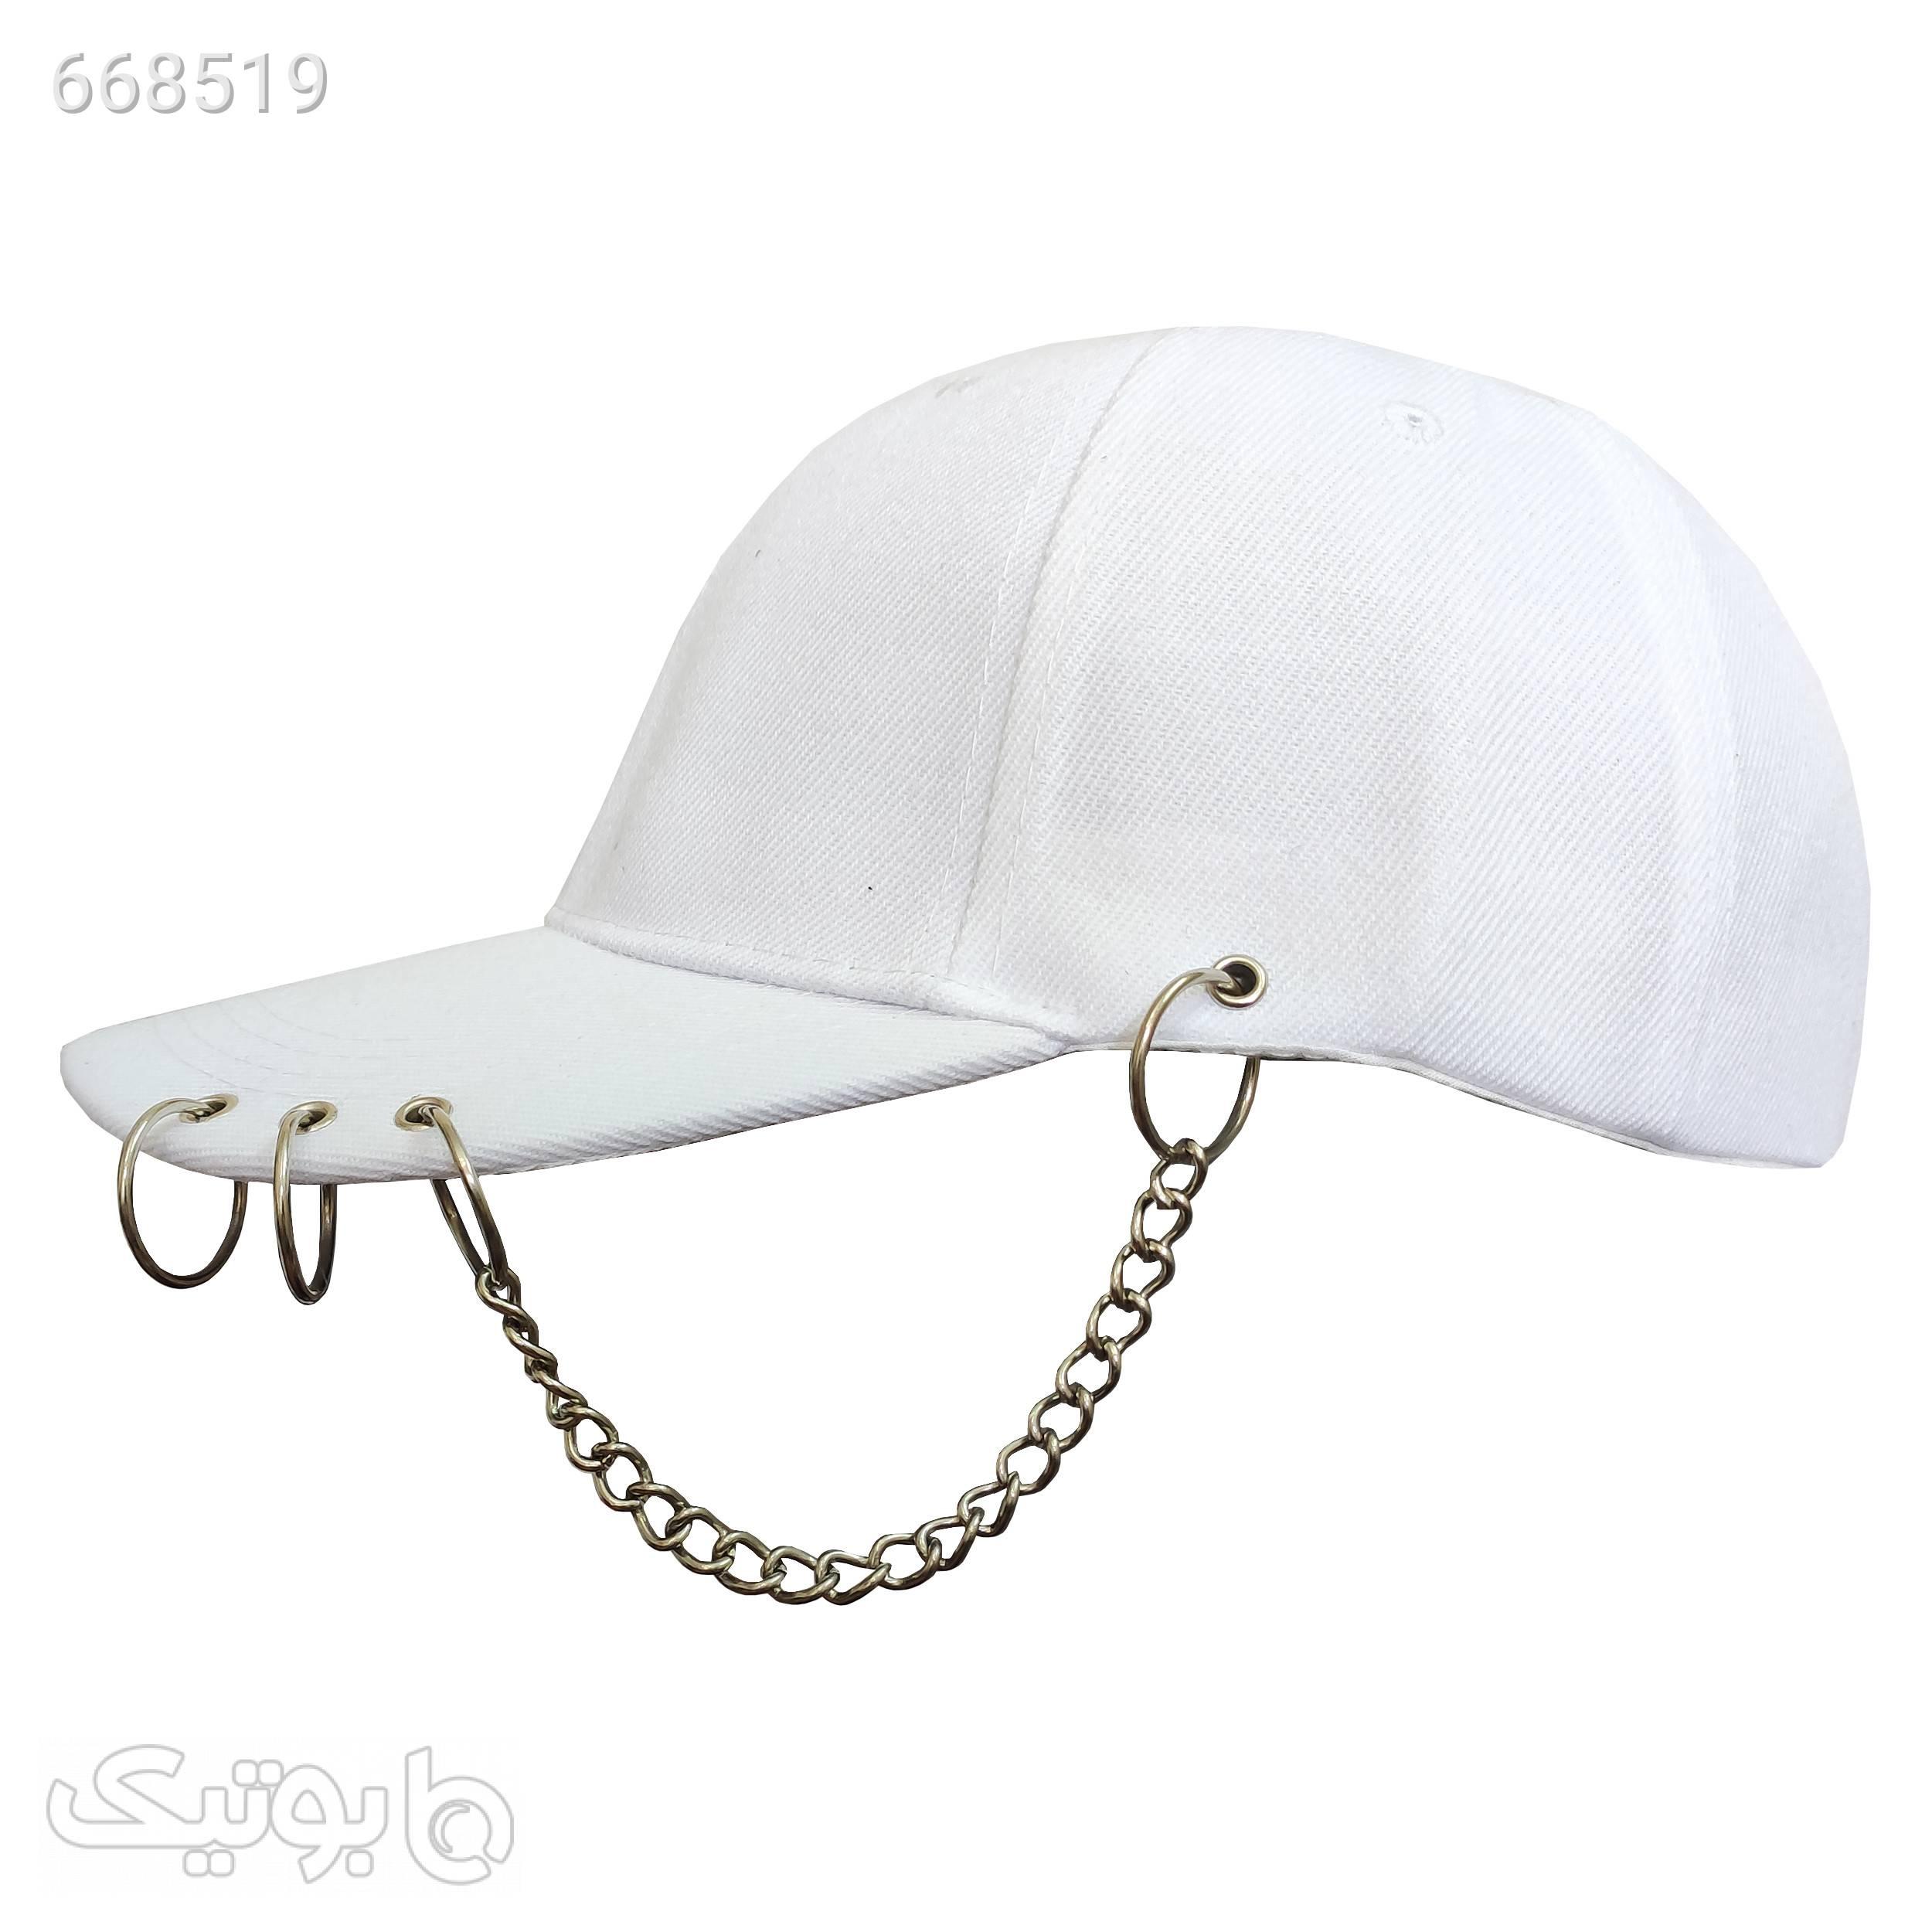 کلاه کپ مدل LOOZA کد 30551 سبز کلاه و اسکارف